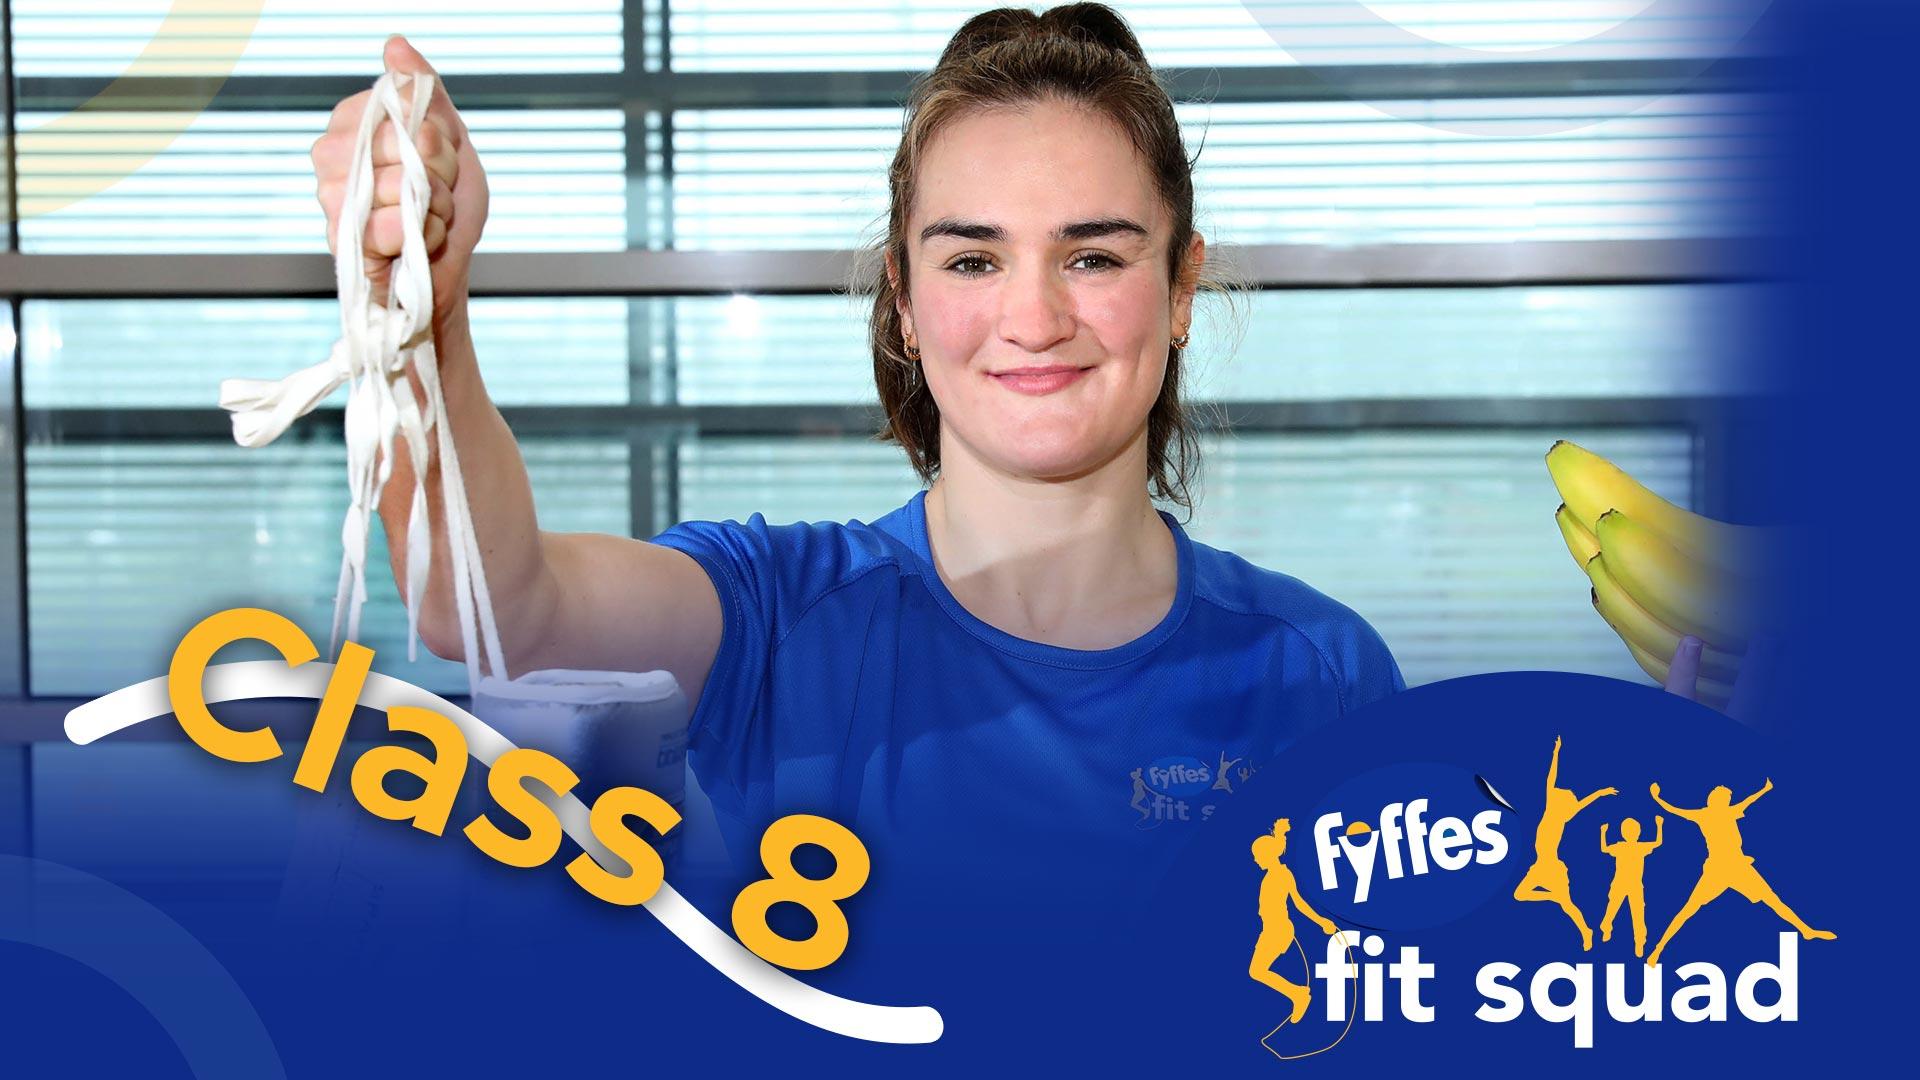 Fyffes Fit Squad Class 8